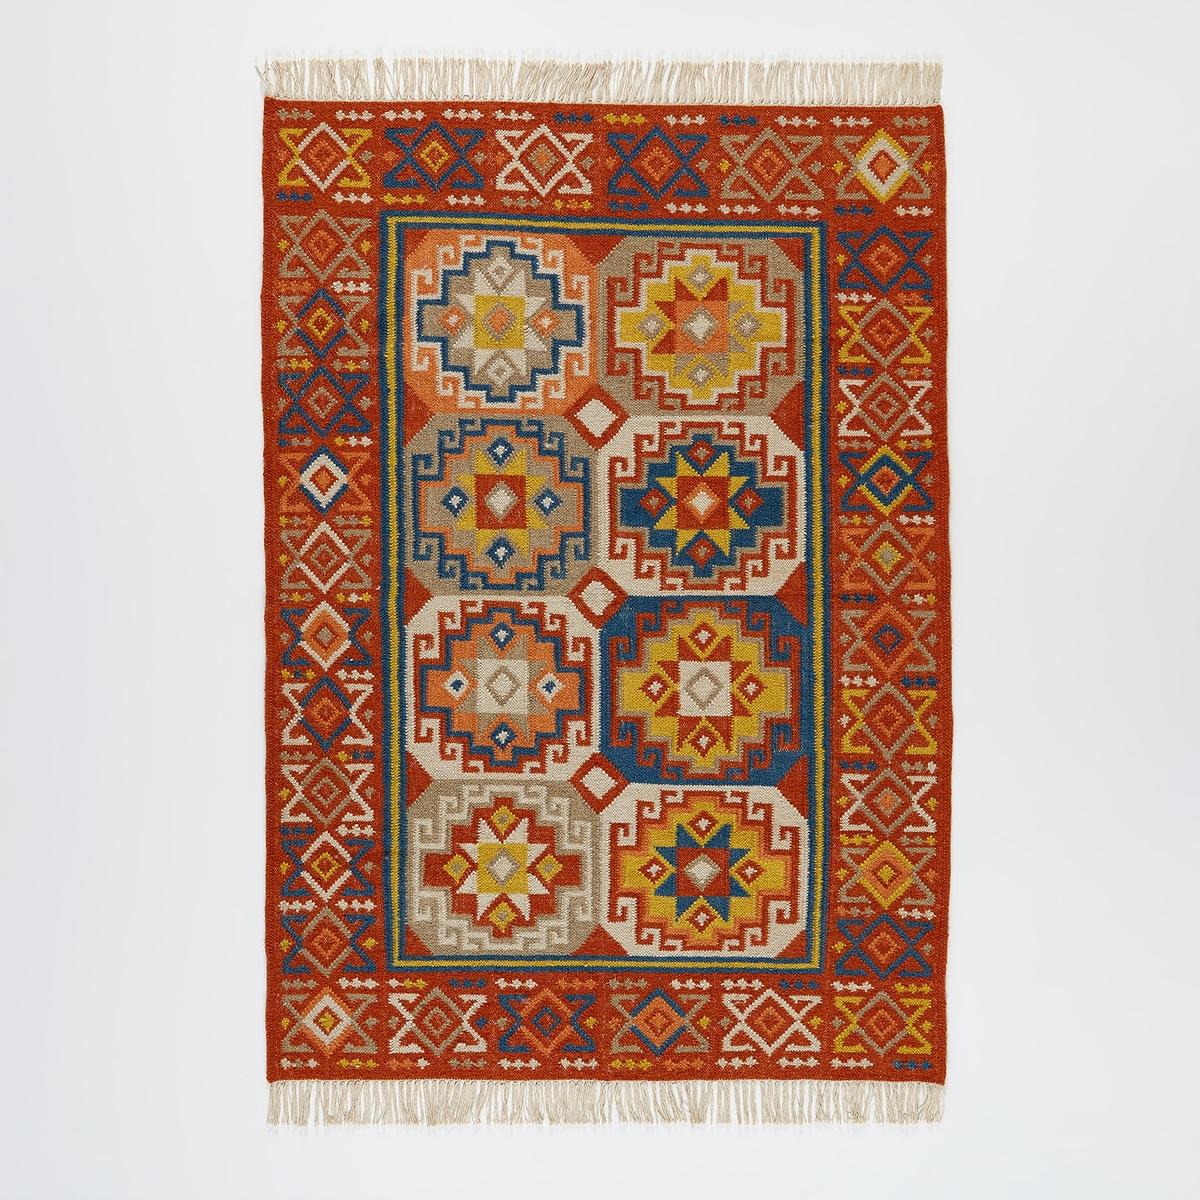 Ковер в стиле килим из шерсти из Новой Зеландии FerlichiКовер в стиле килим Ferlichi. Яркий геометрический рисунок, шерсть из Новой Зеландии, славящаяся своим исключительным качеством. Ковер в стиле килим с горизонтальным плетением и бахромой на краях, родом из Турции, славящийся разнообразием цветов и красивым геометрическим рисунком. На полу или на стене, этот ковер станет неотъемлемым элементом декора вашего интерьера. Небольшая толщина (менее 0,5 мм), легкий уход.Настоящий элемент декора, отличная тепло и шумоизоляция, ковер согревает атмосферу, структурирует пространство и придает комфорта. Высококачественные ковры AM.PM изготовлены вручную.Материал :- Ковер из 80% шерсти из Новой Зеландии, 20% хлопкаХарактеристики :- Способ производства : ручное плетение- Вес : 1300 г/м?Уход :Регулярно чистить пылесосом. Сразу вытереть пятна с помощью чистой влажной тряпки   . Рекомендуется сухая чистка.Размеры ковра :Размер 1 :Ширина : 120 смДлина : 180 смРазмер 2 :Ширина : 160 смДлина : 230 смРазмер 3 :Ширина : 200 смДлина : 290 см. Доставка: Возможна доставка товара до квартиры по предварительной договоренности! Внимание! Убедитесь, что товар возможно доставить, учитывая его габариты (проходит в дверные проемы, по лестницам, в лифты).<br><br>Цвет: разноцветный